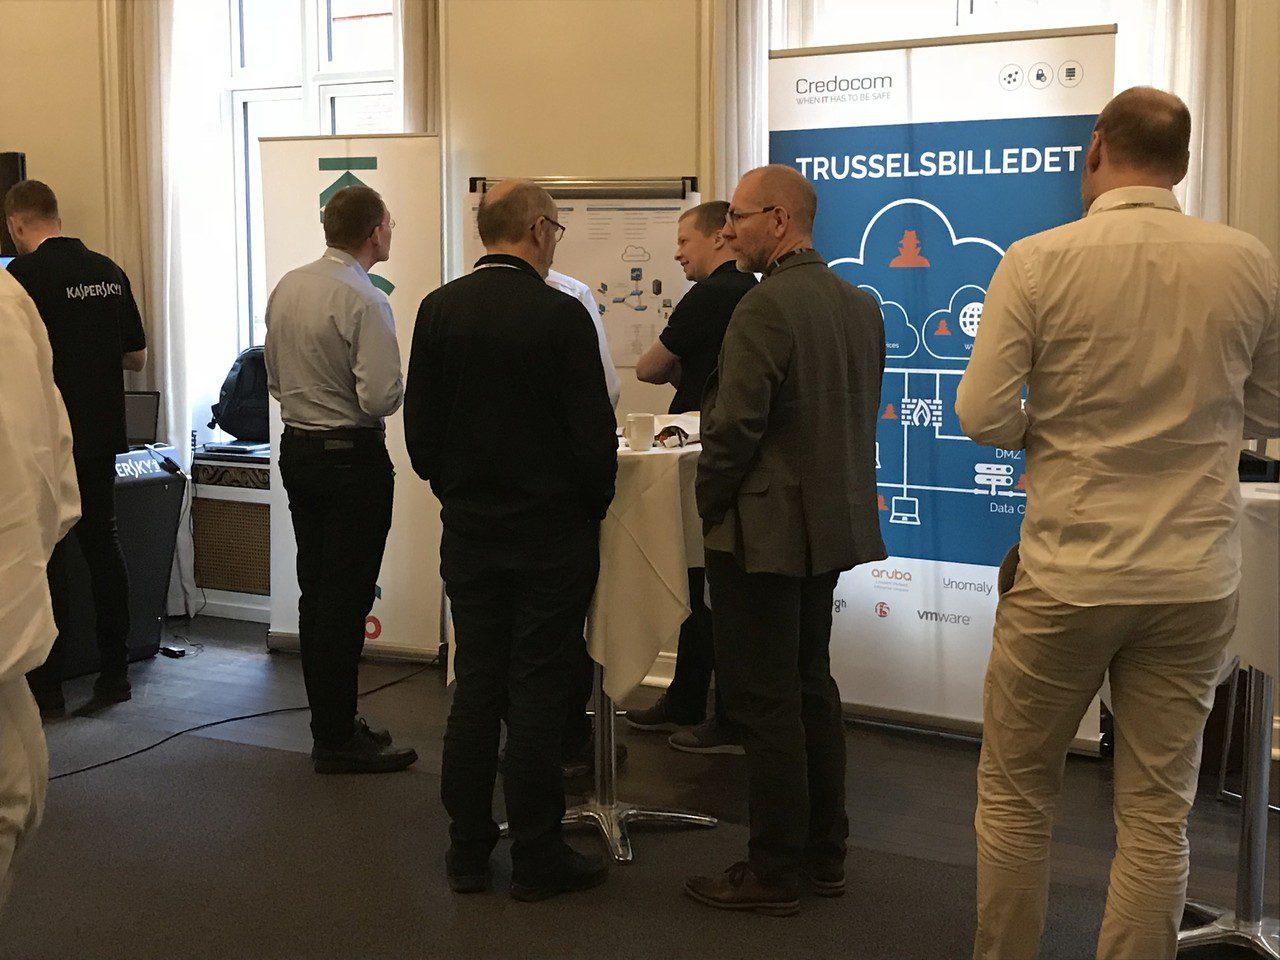 SCADA - Oprustning af kritisk infrastruktur - konference i Odense